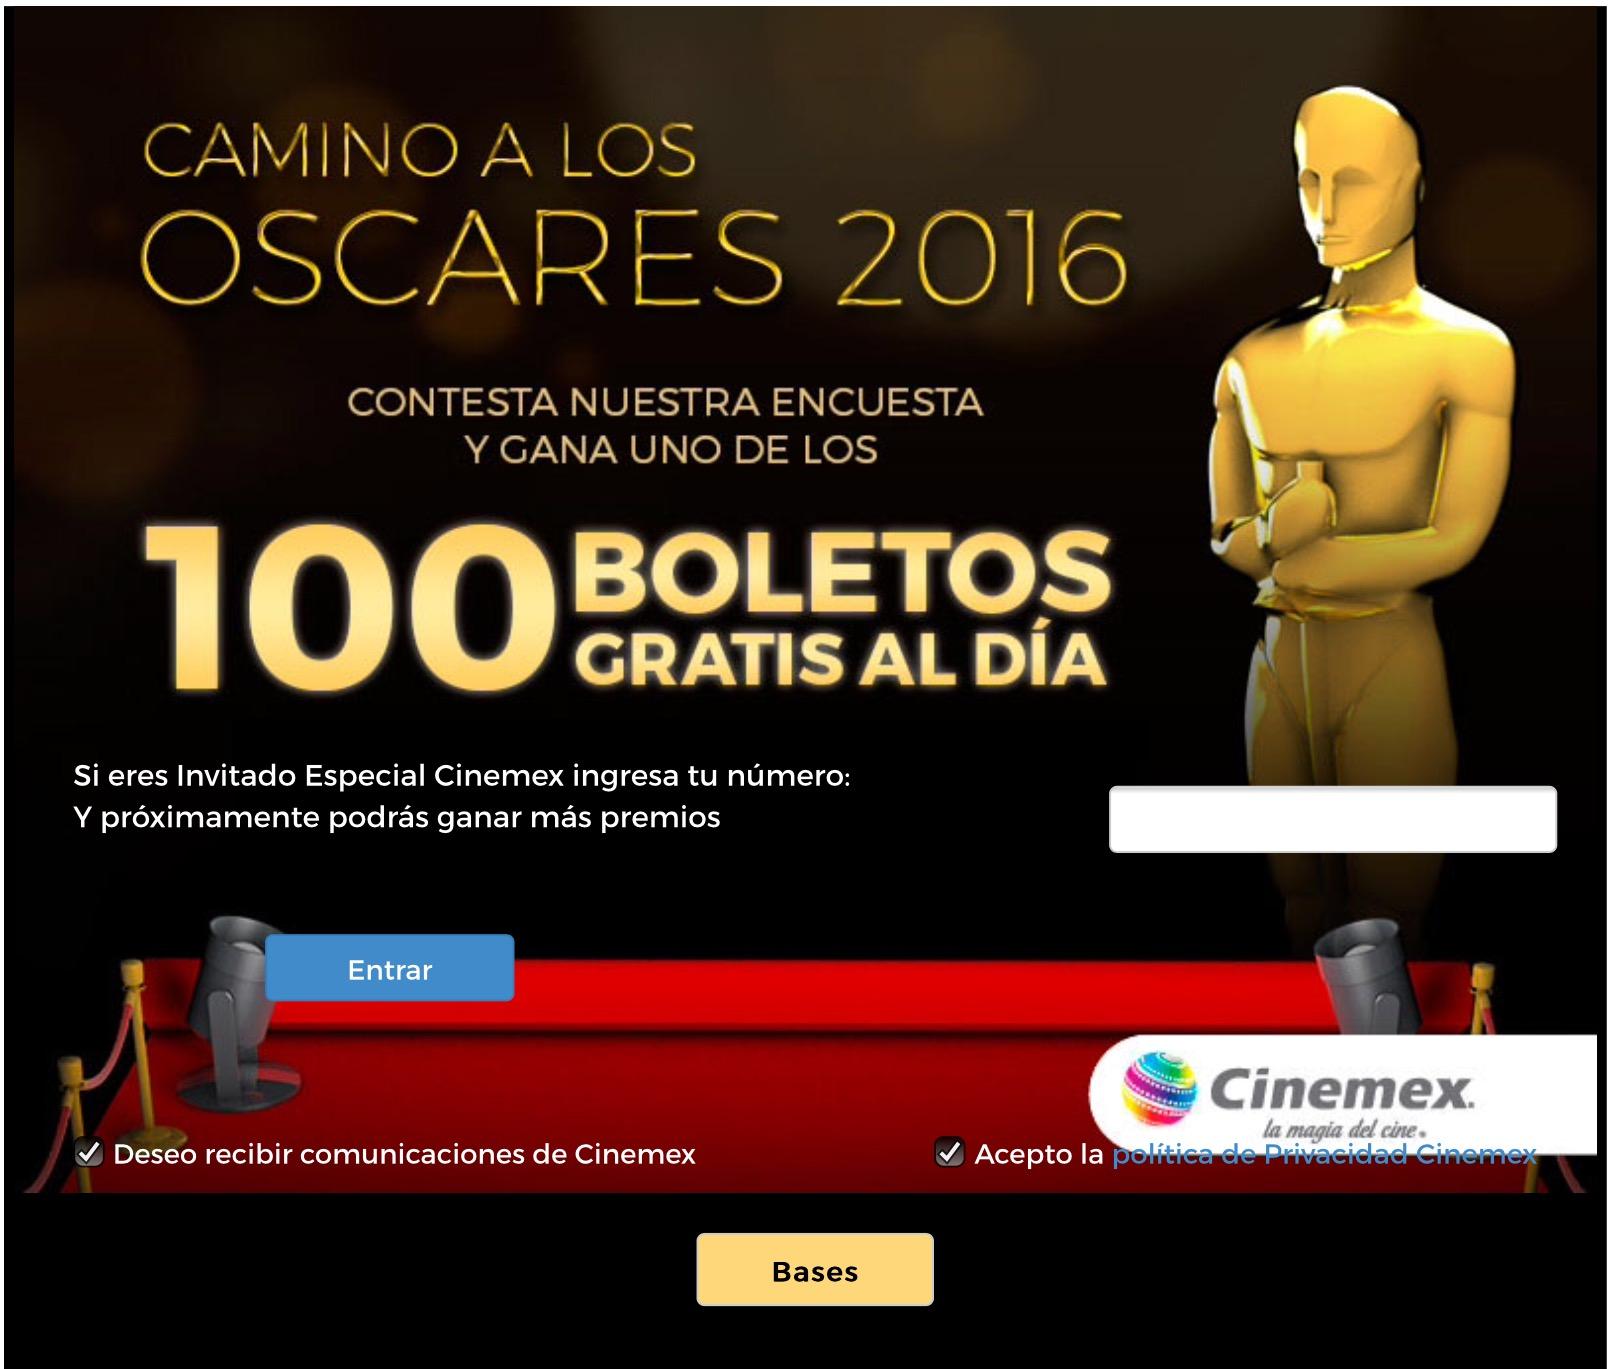 Cinemex: Boleto GRATIS PARA CUALQUIER SALA por contestar una pregunta.